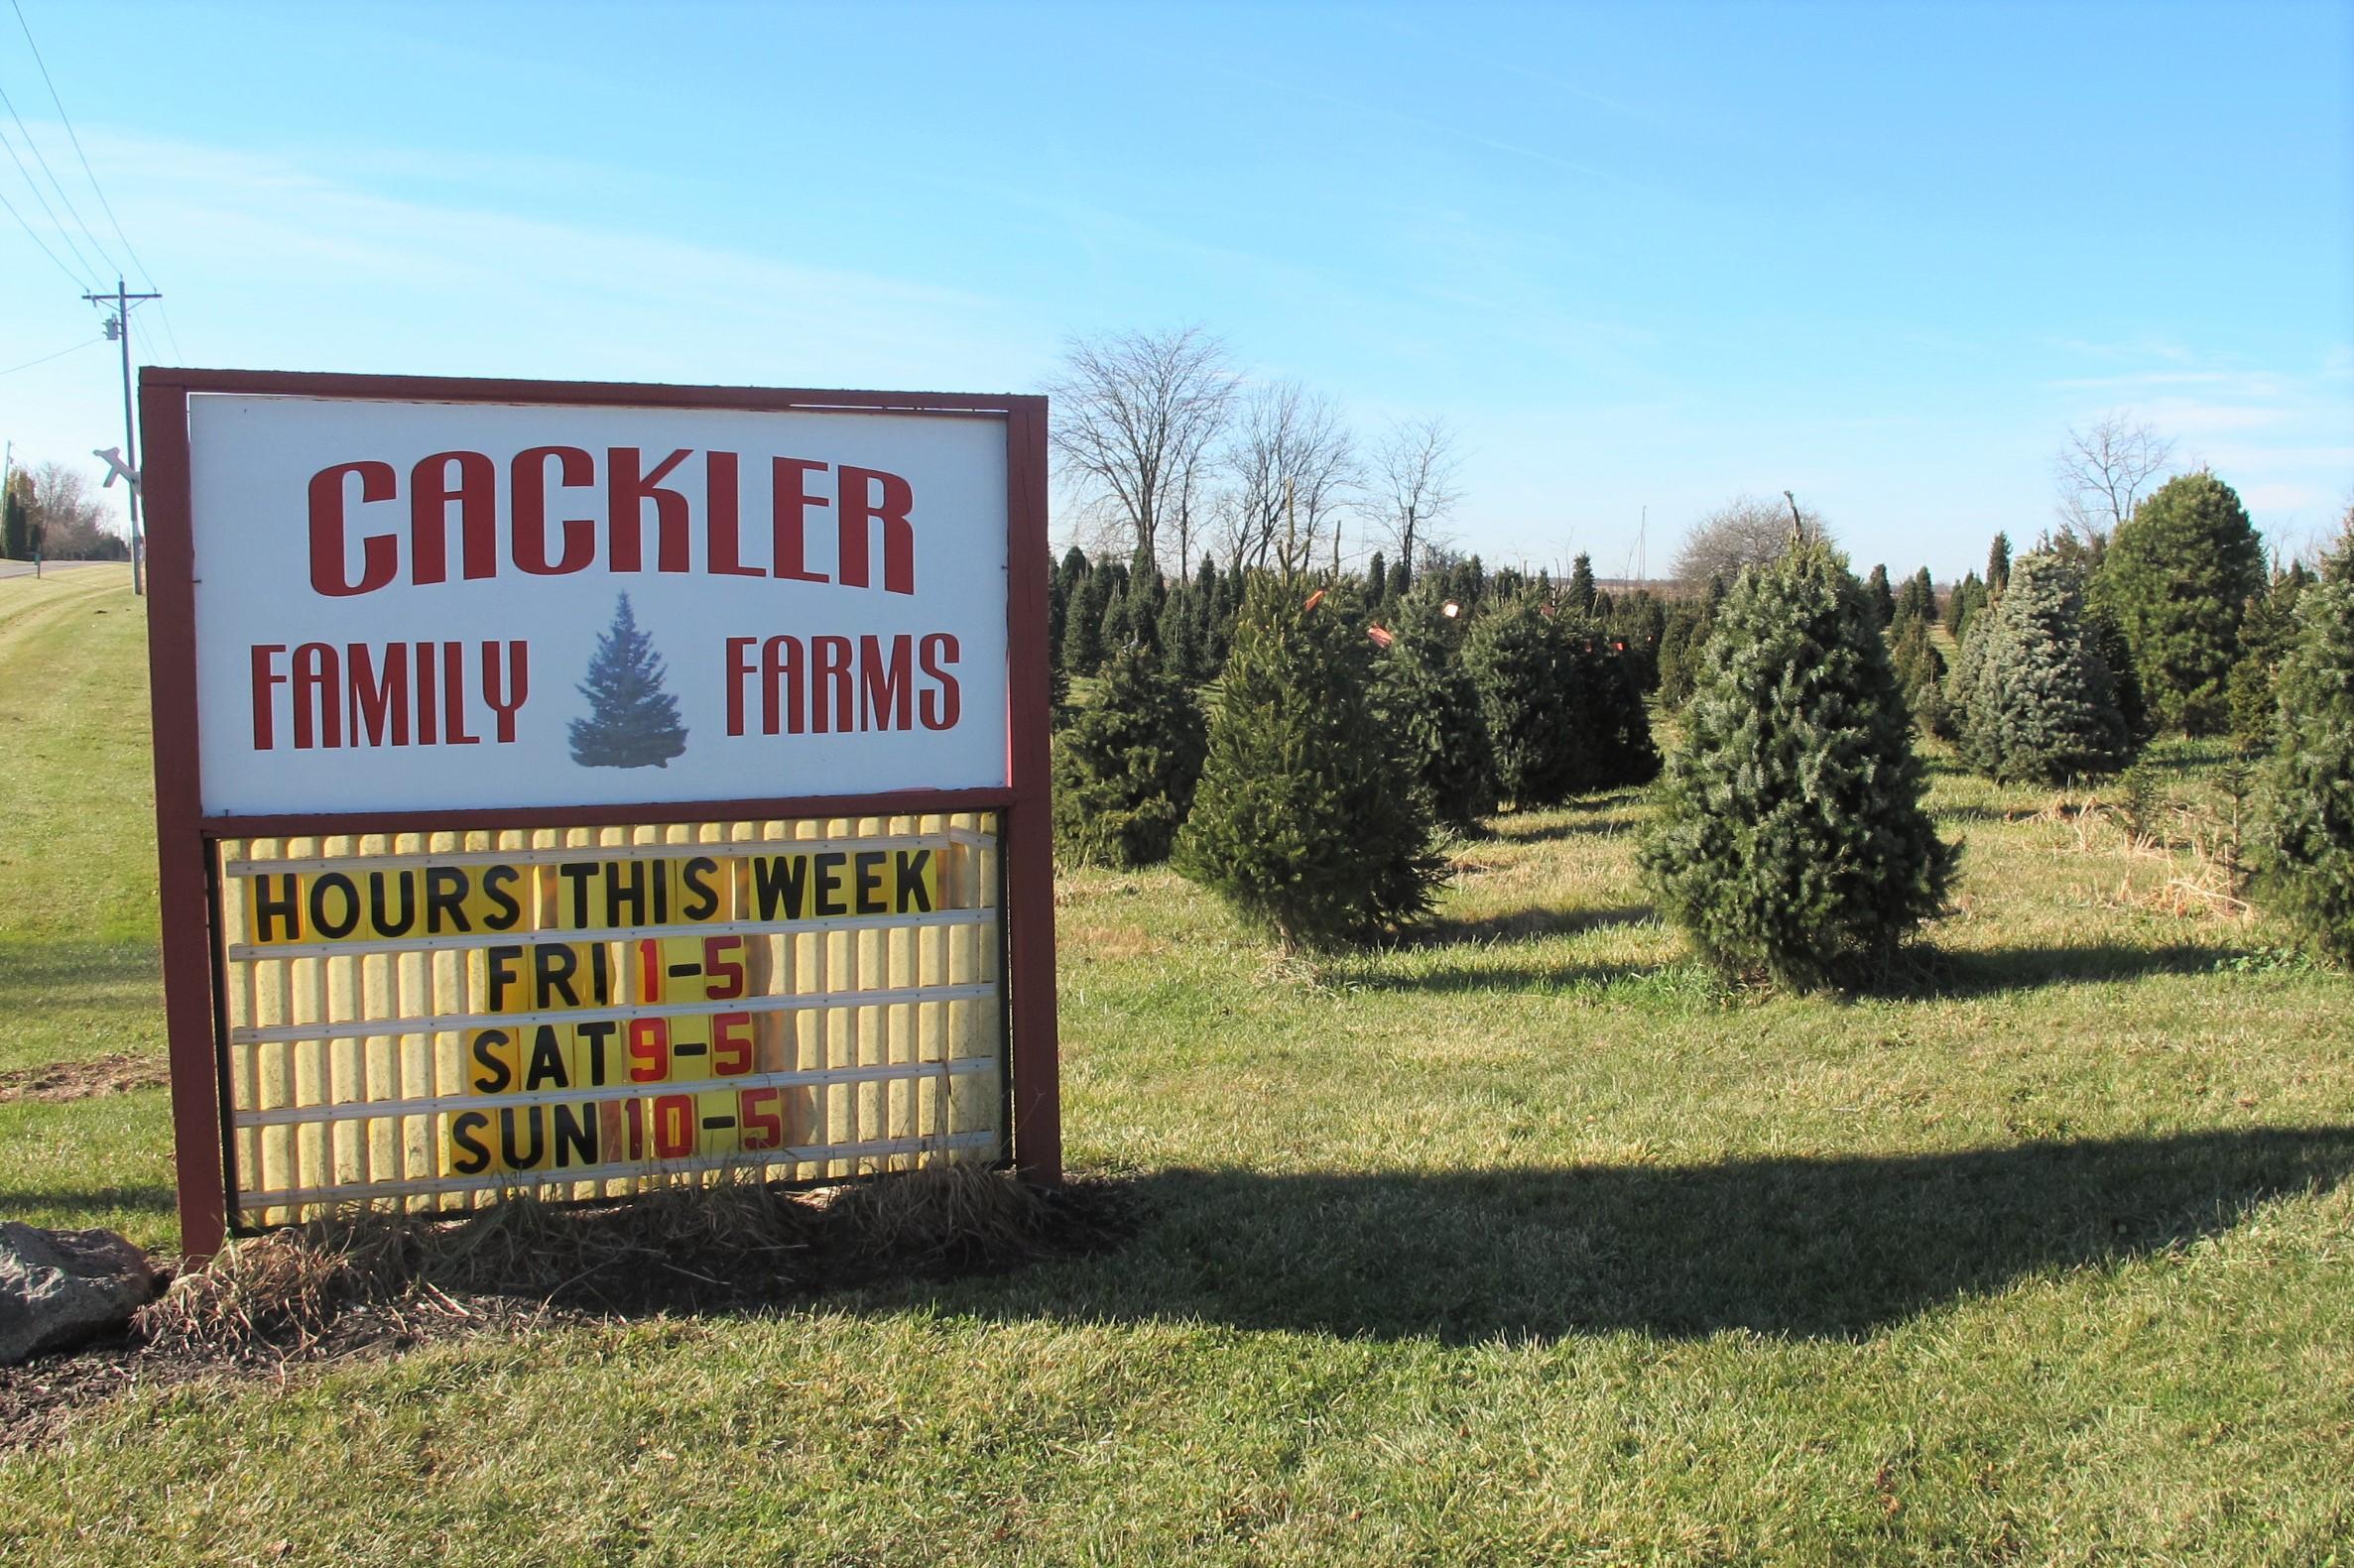 Timber! Christmas Tree Farms Topple Around Central Ohio   WOSU Radio